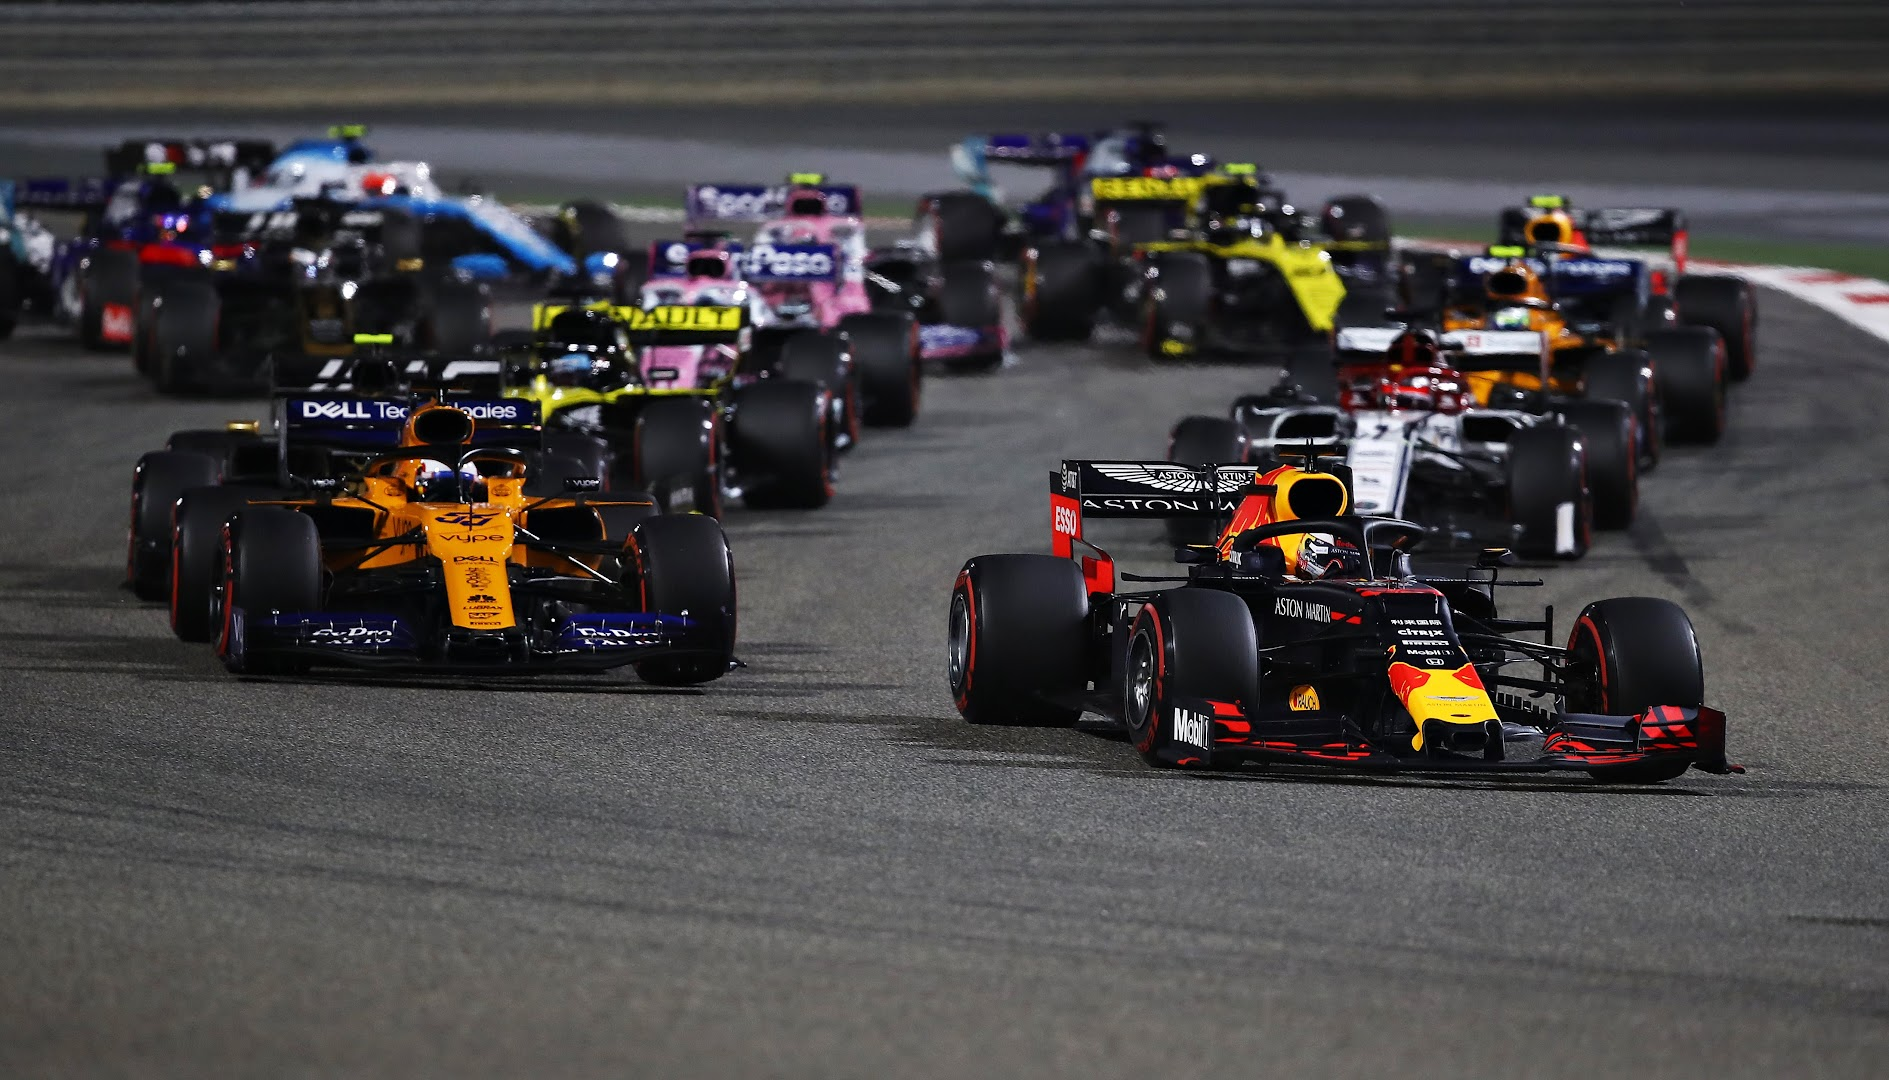 2019第2戦F1バーレーンGP